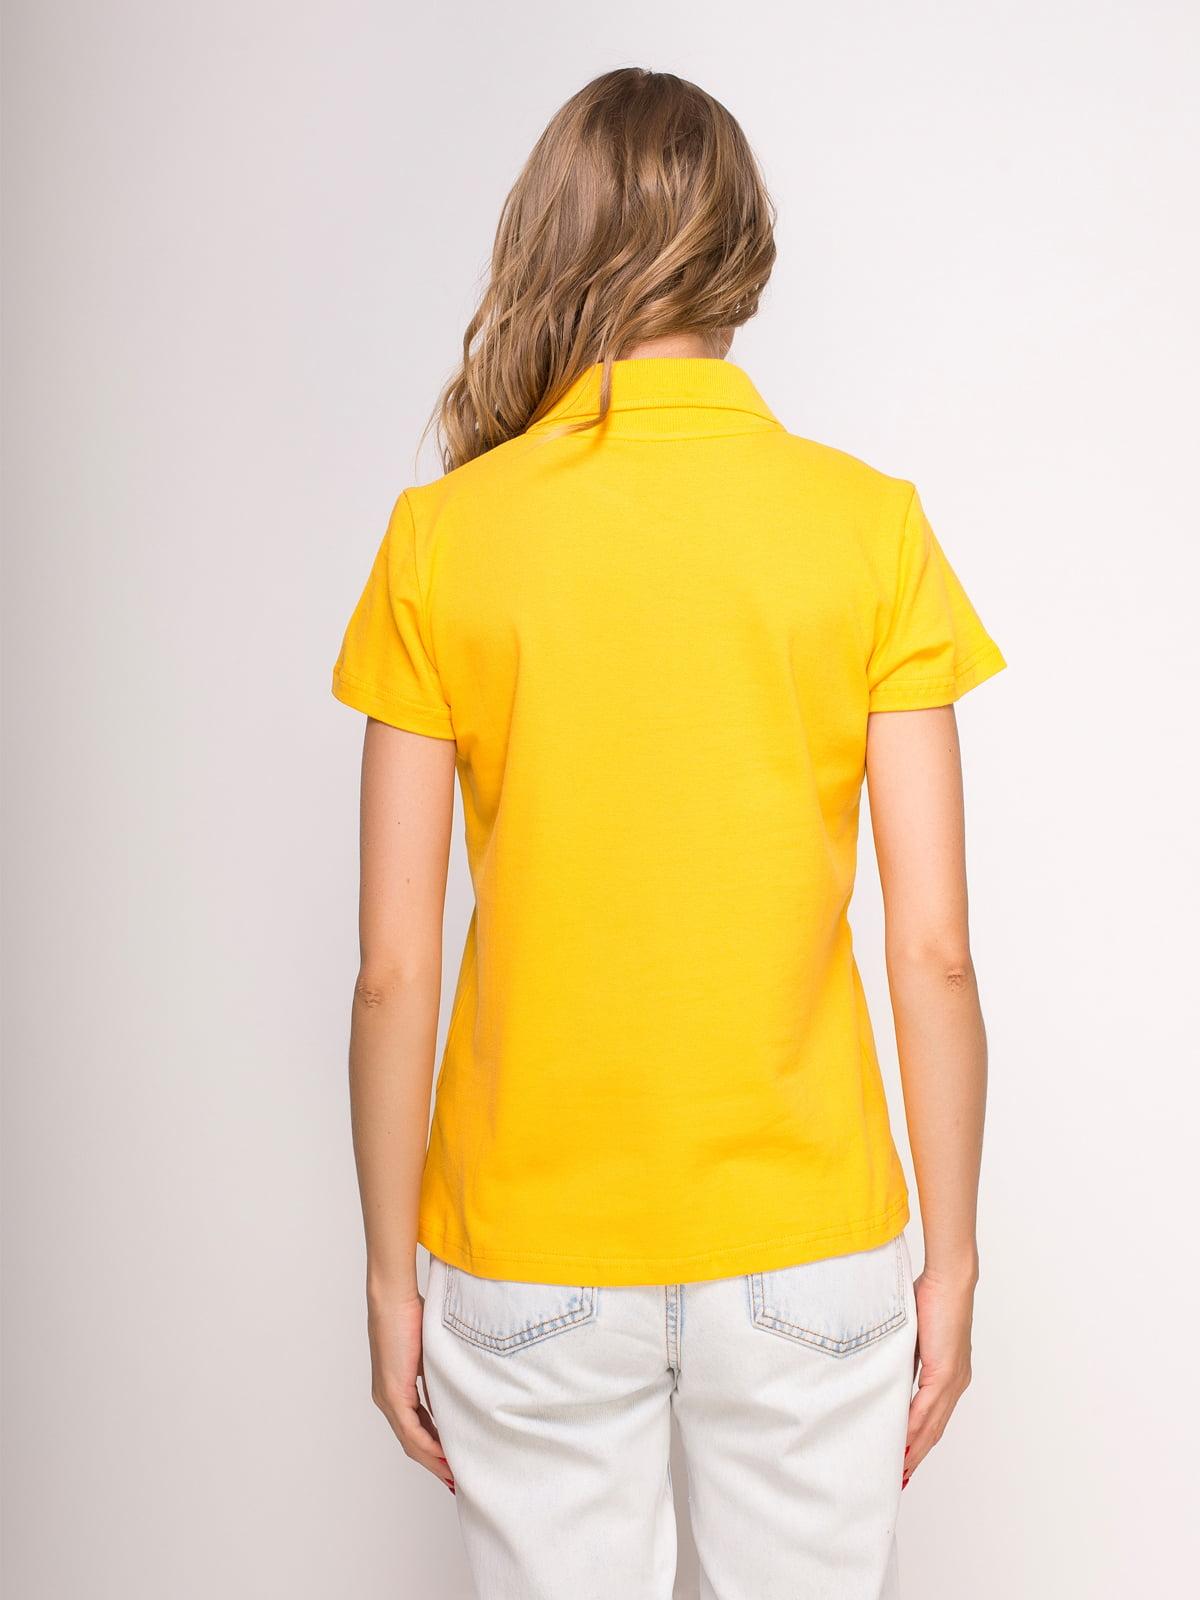 Футболка-поло желтая с принтом | 4583033 | фото 2